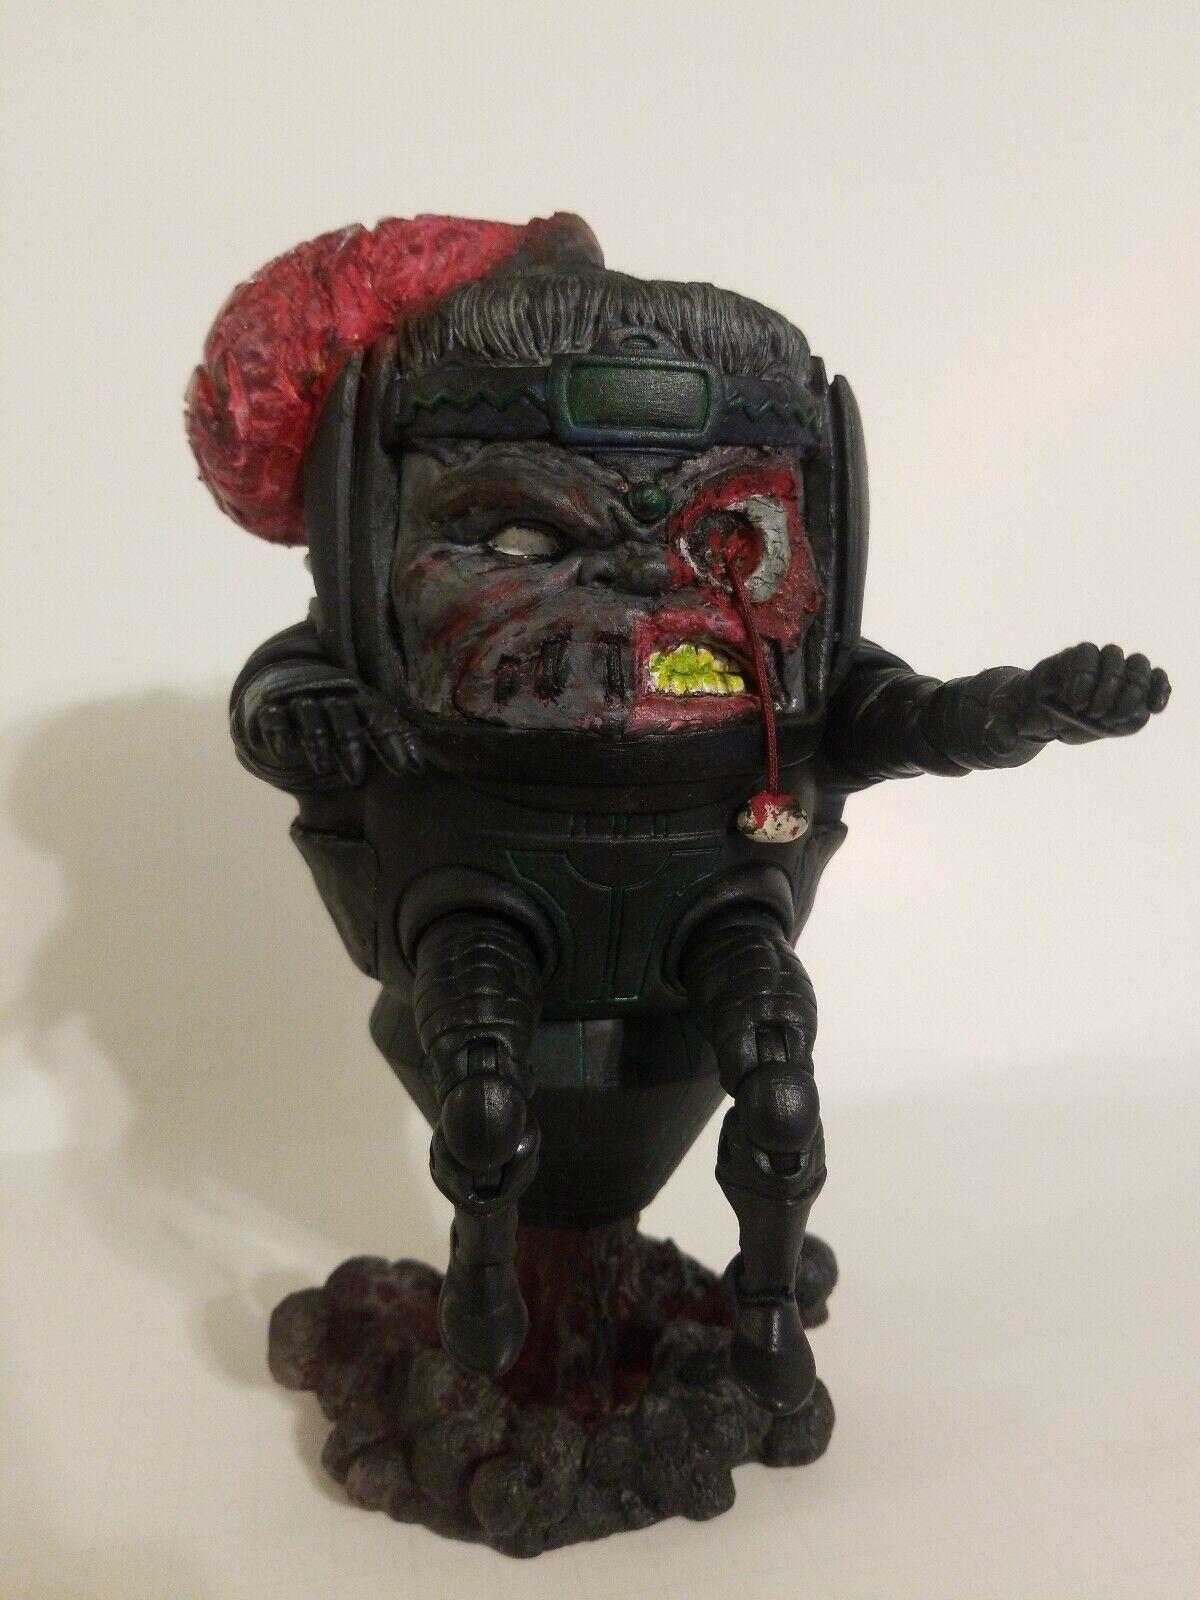 Marvel personnalisée légendes Zombie MODOK BAF Toybiz